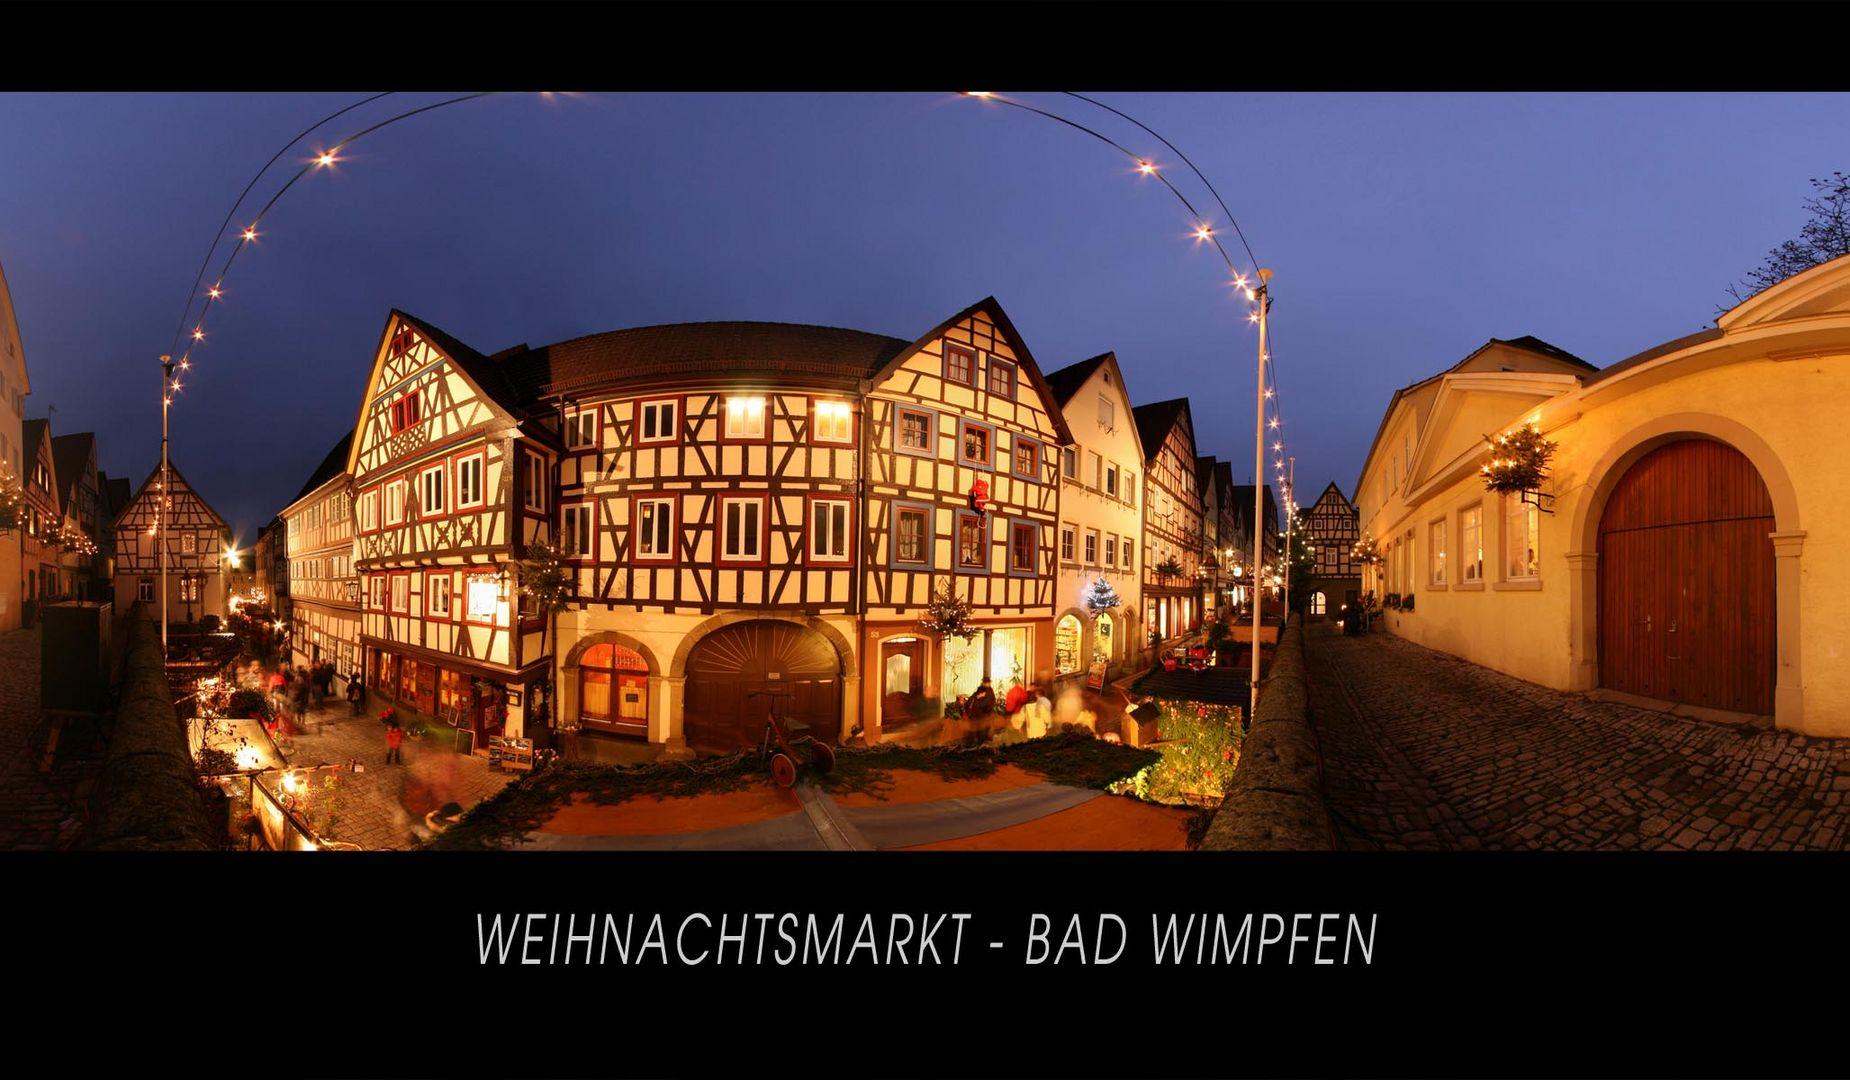 Weihnachtsmarkt - Bad Wimpfen